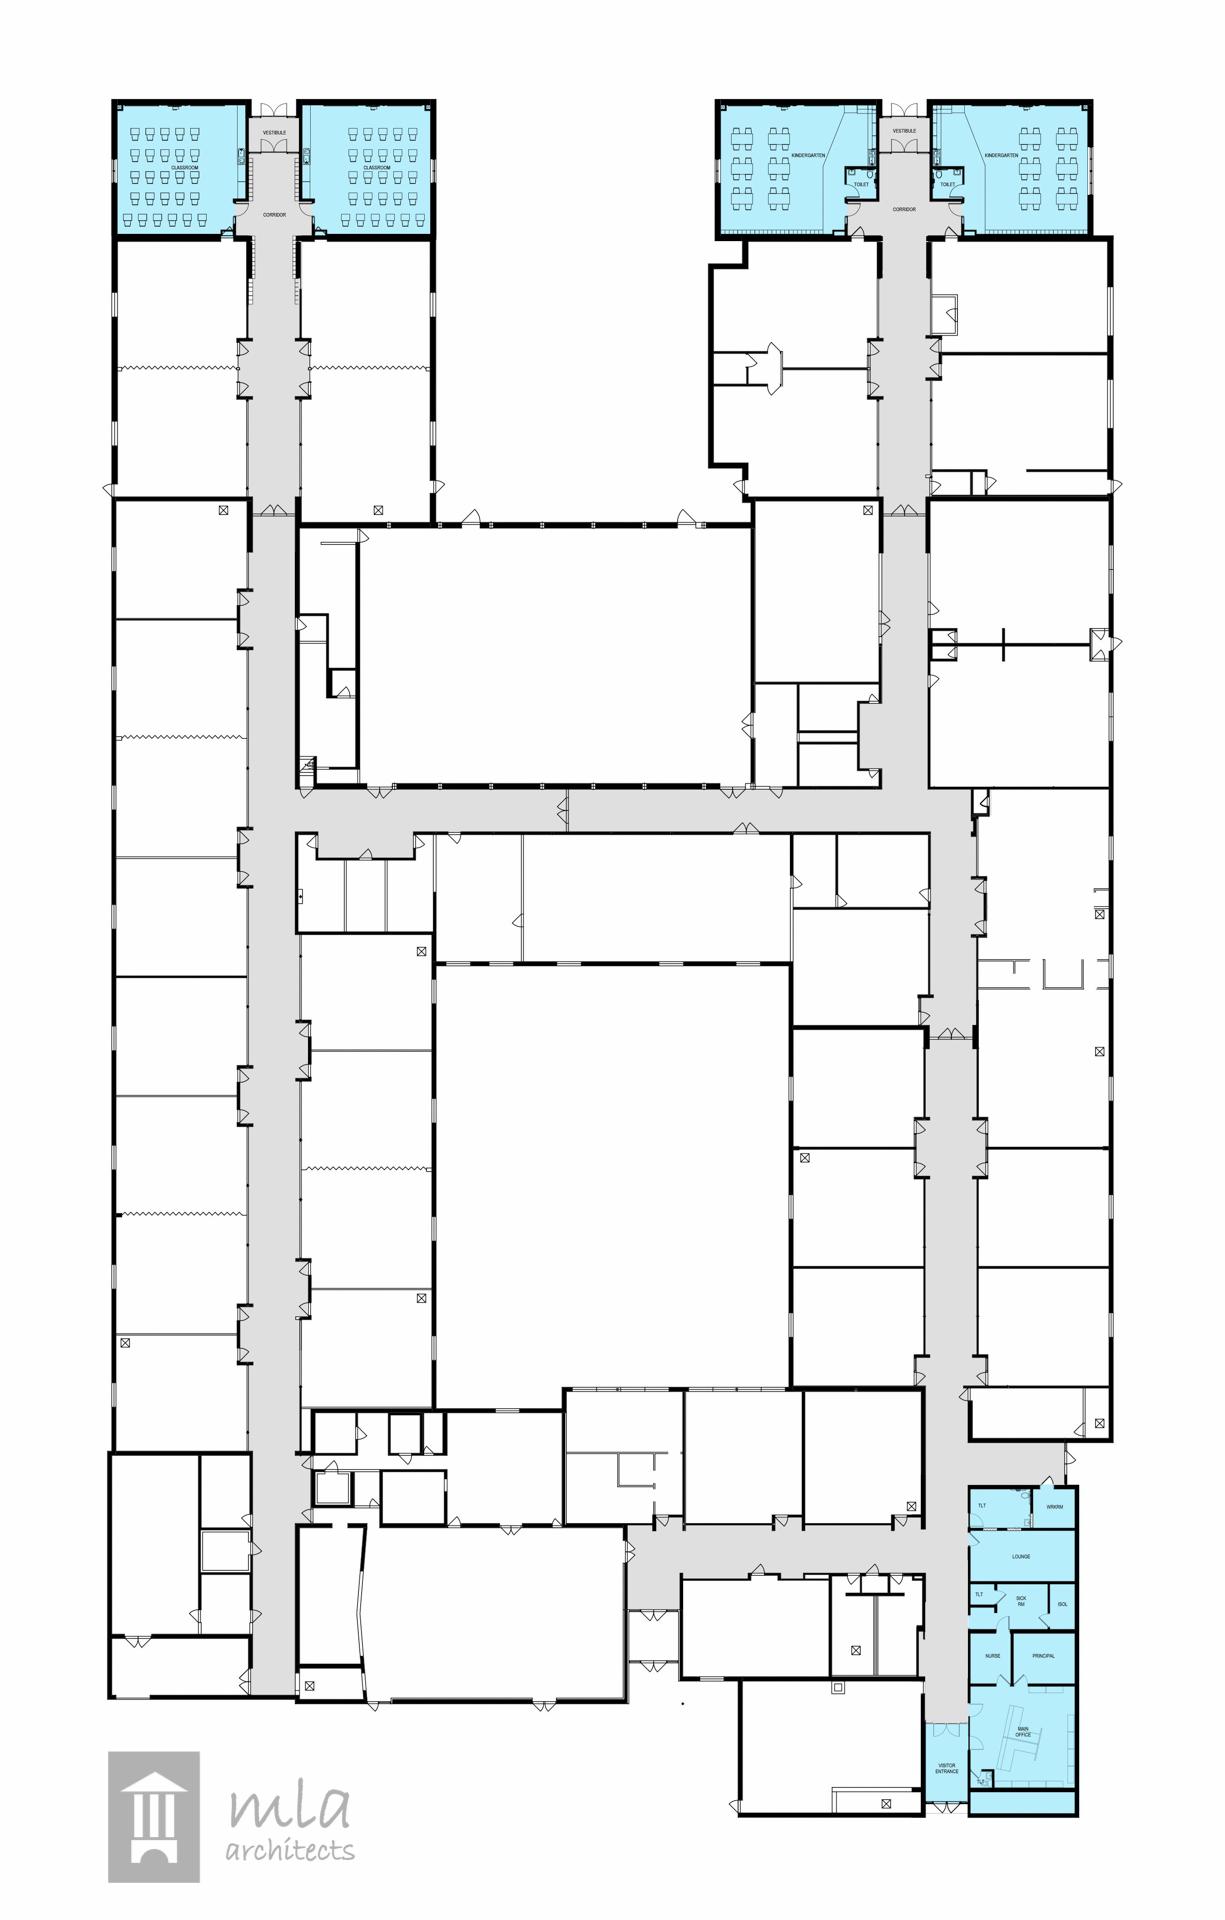 20121029-Isanti Primary School First Floor 1.jpg